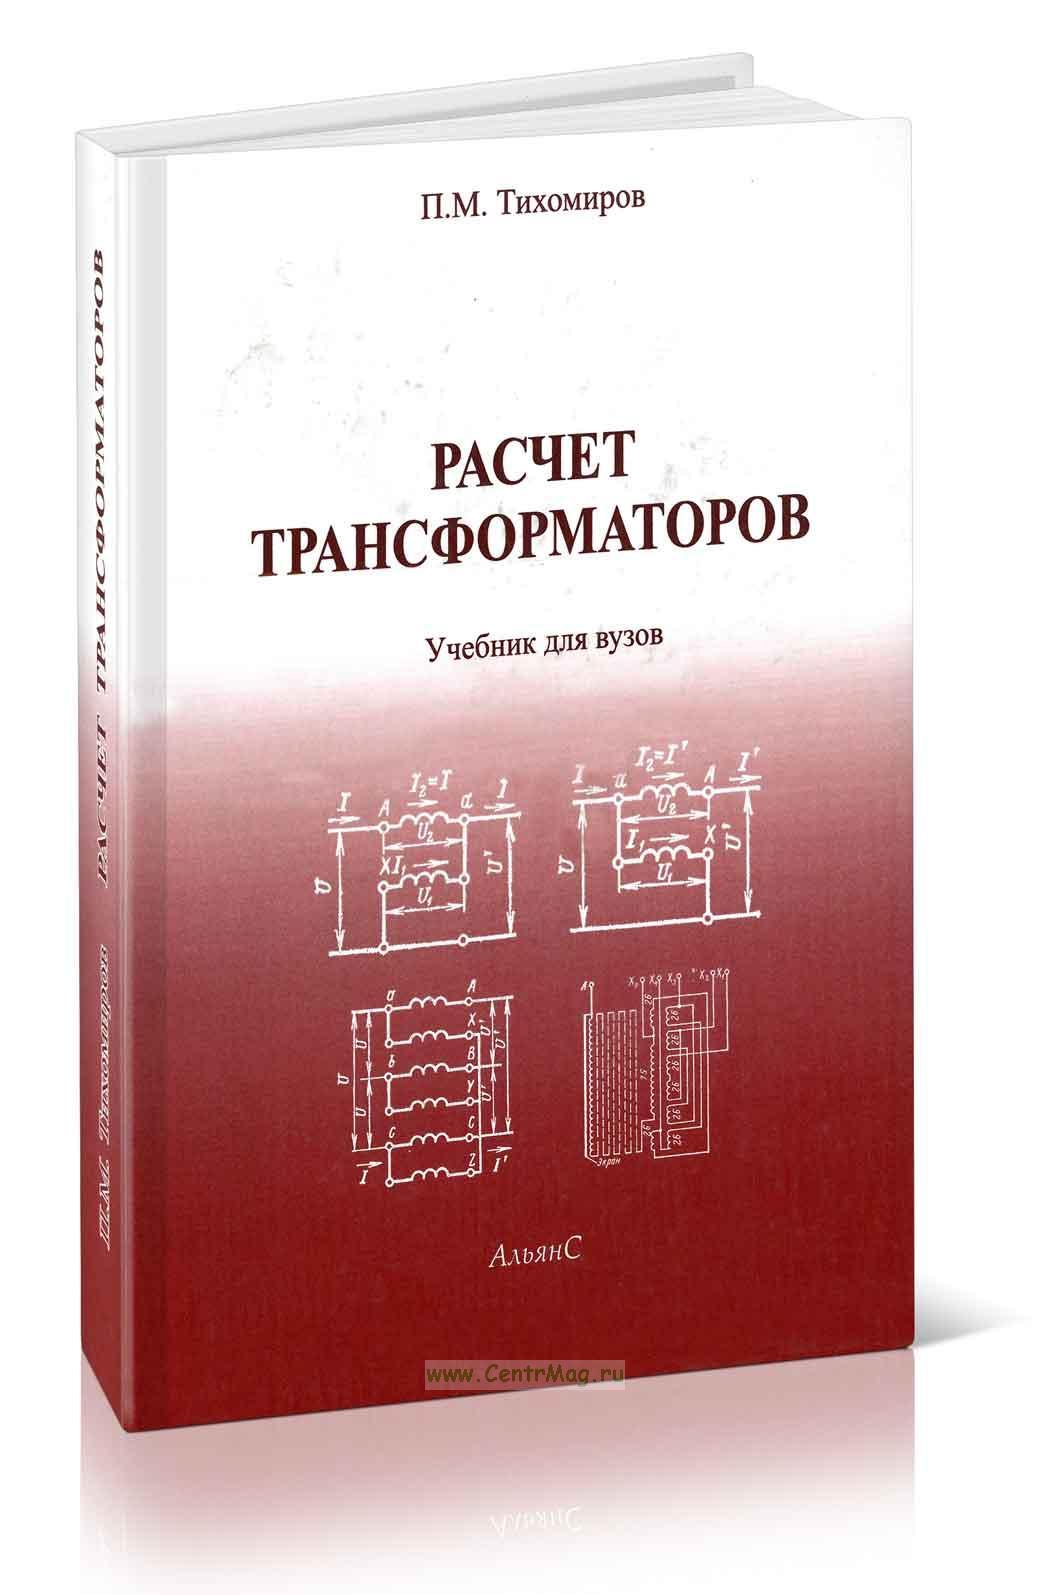 Расчет трансформаторов: учебное пособие для вузов (5-е издание, переработанное и дополненное)